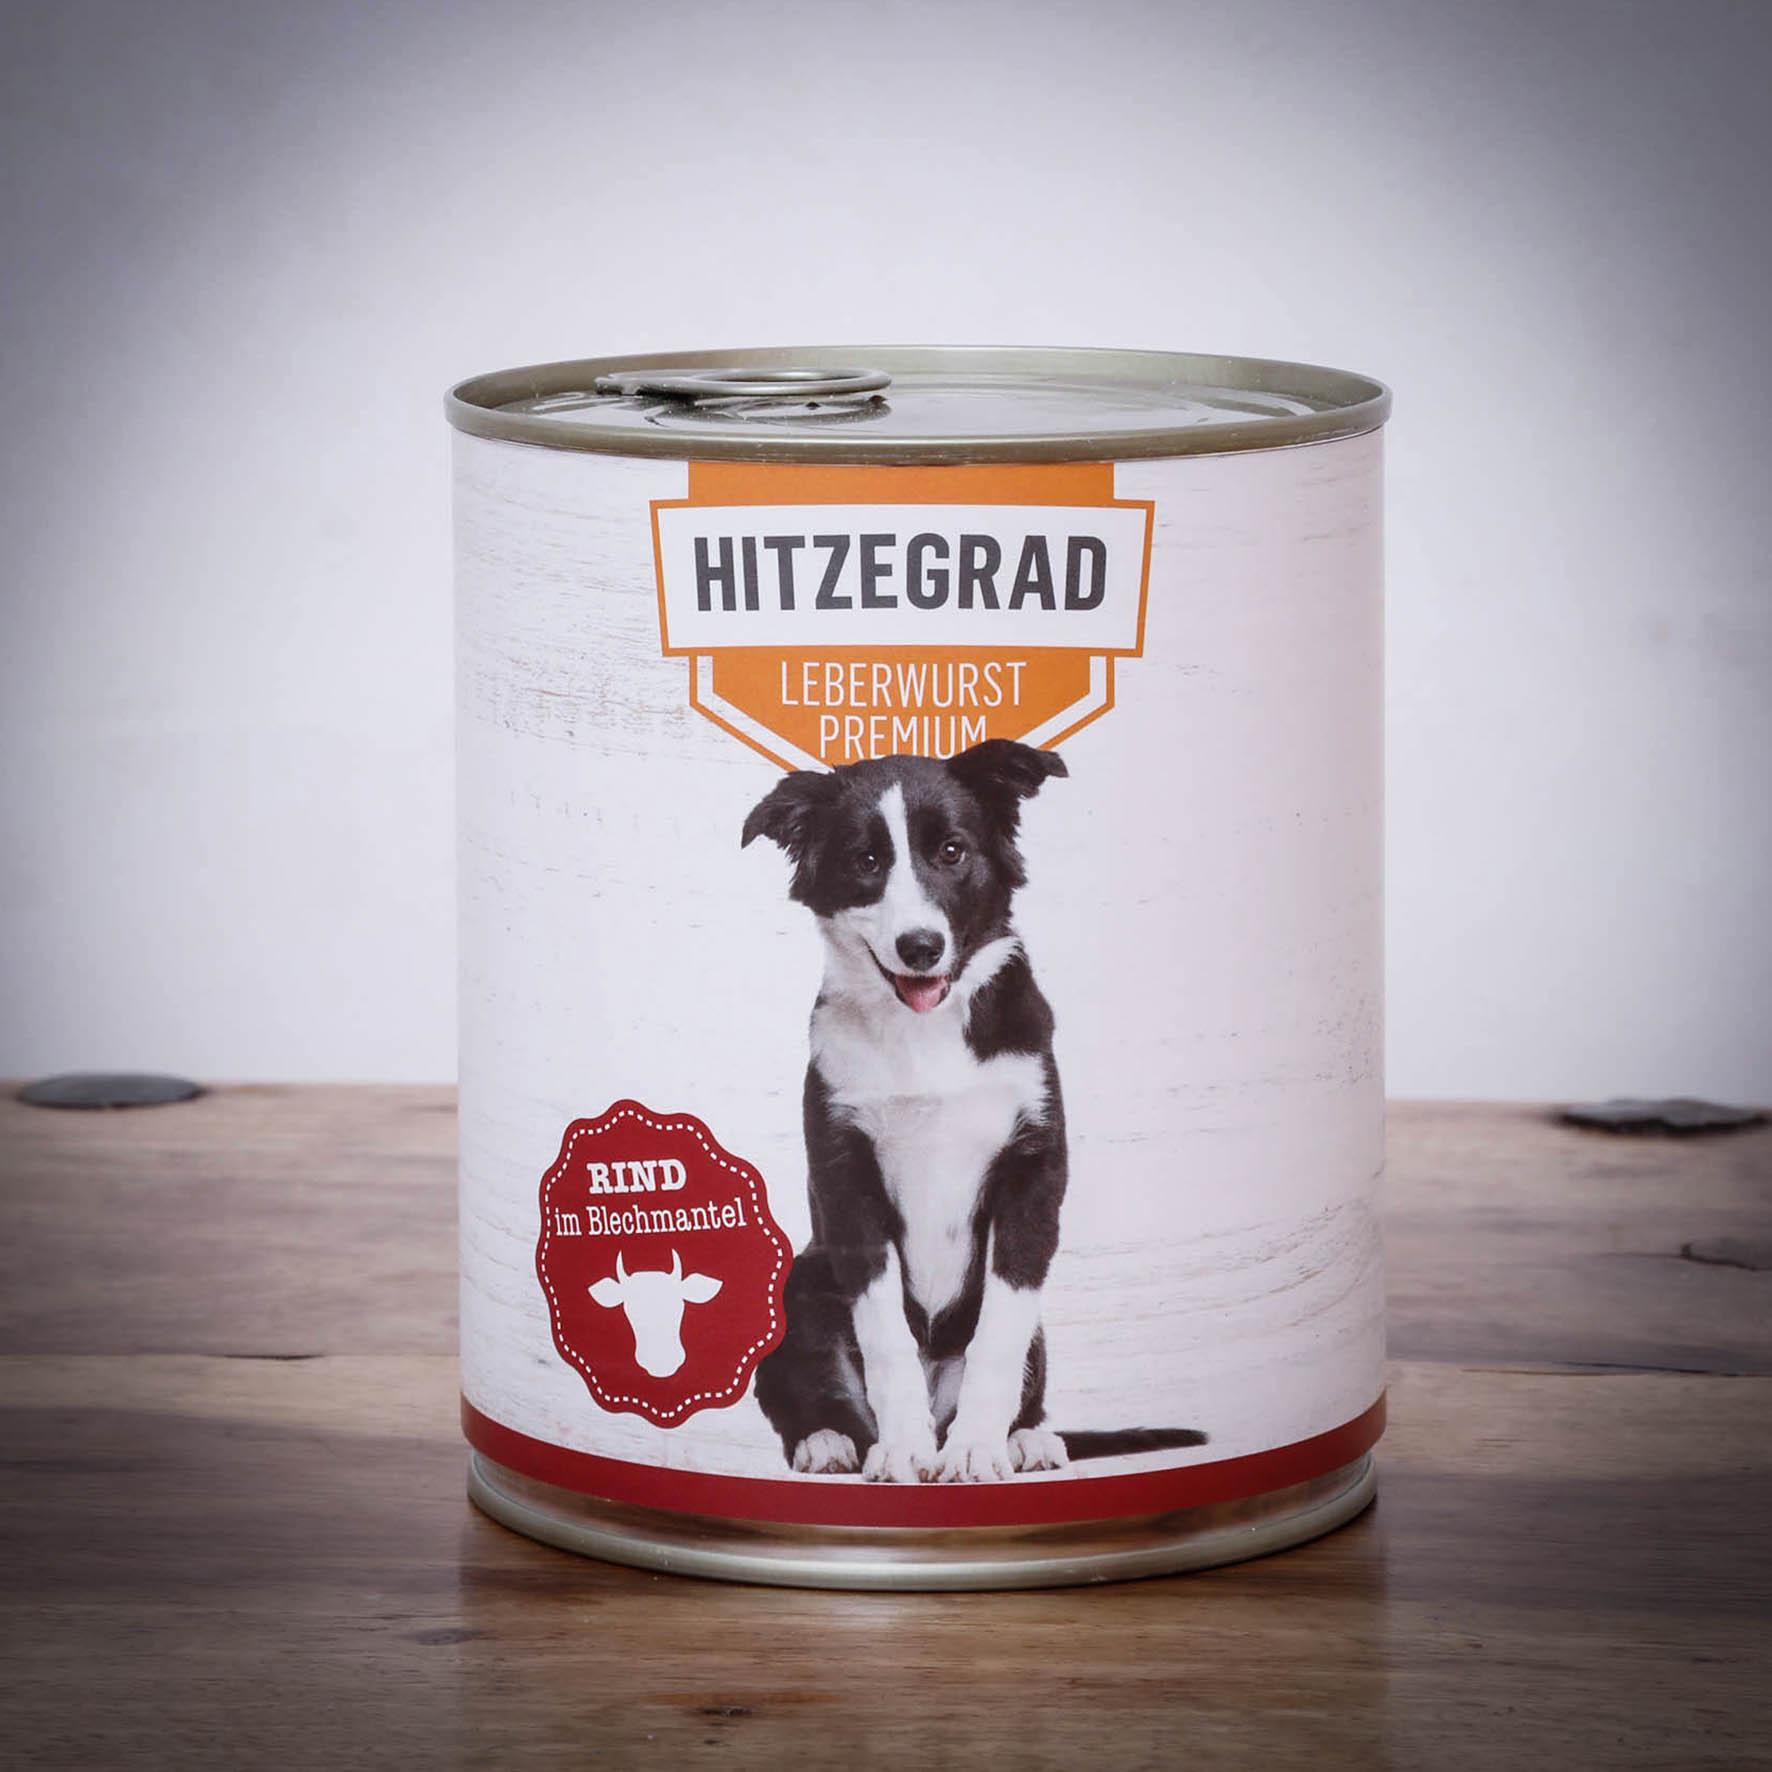 Hitzegrad - Leberwurst, 800g für Hunde